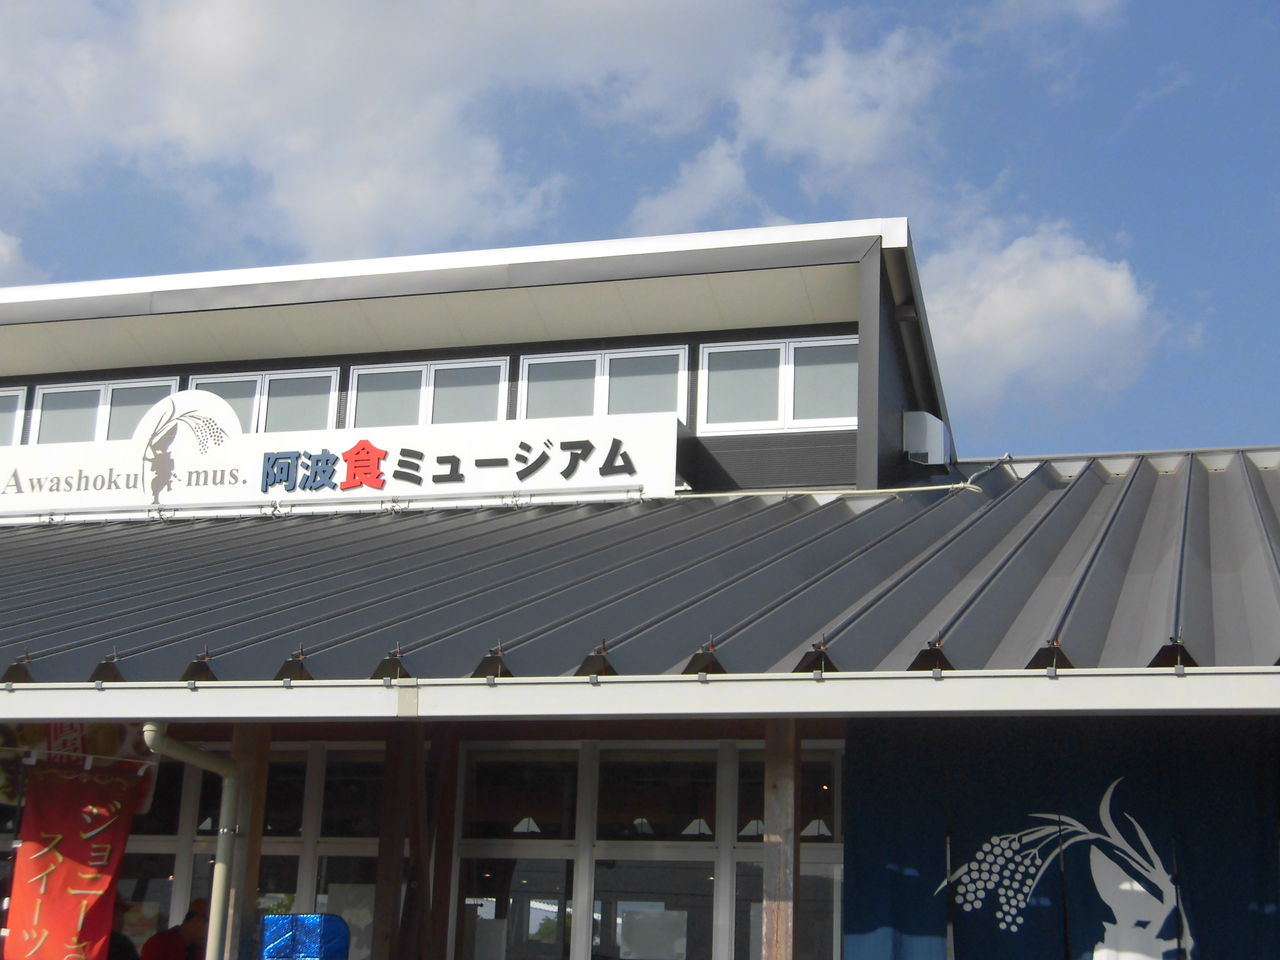 食 ミュージアム 阿波